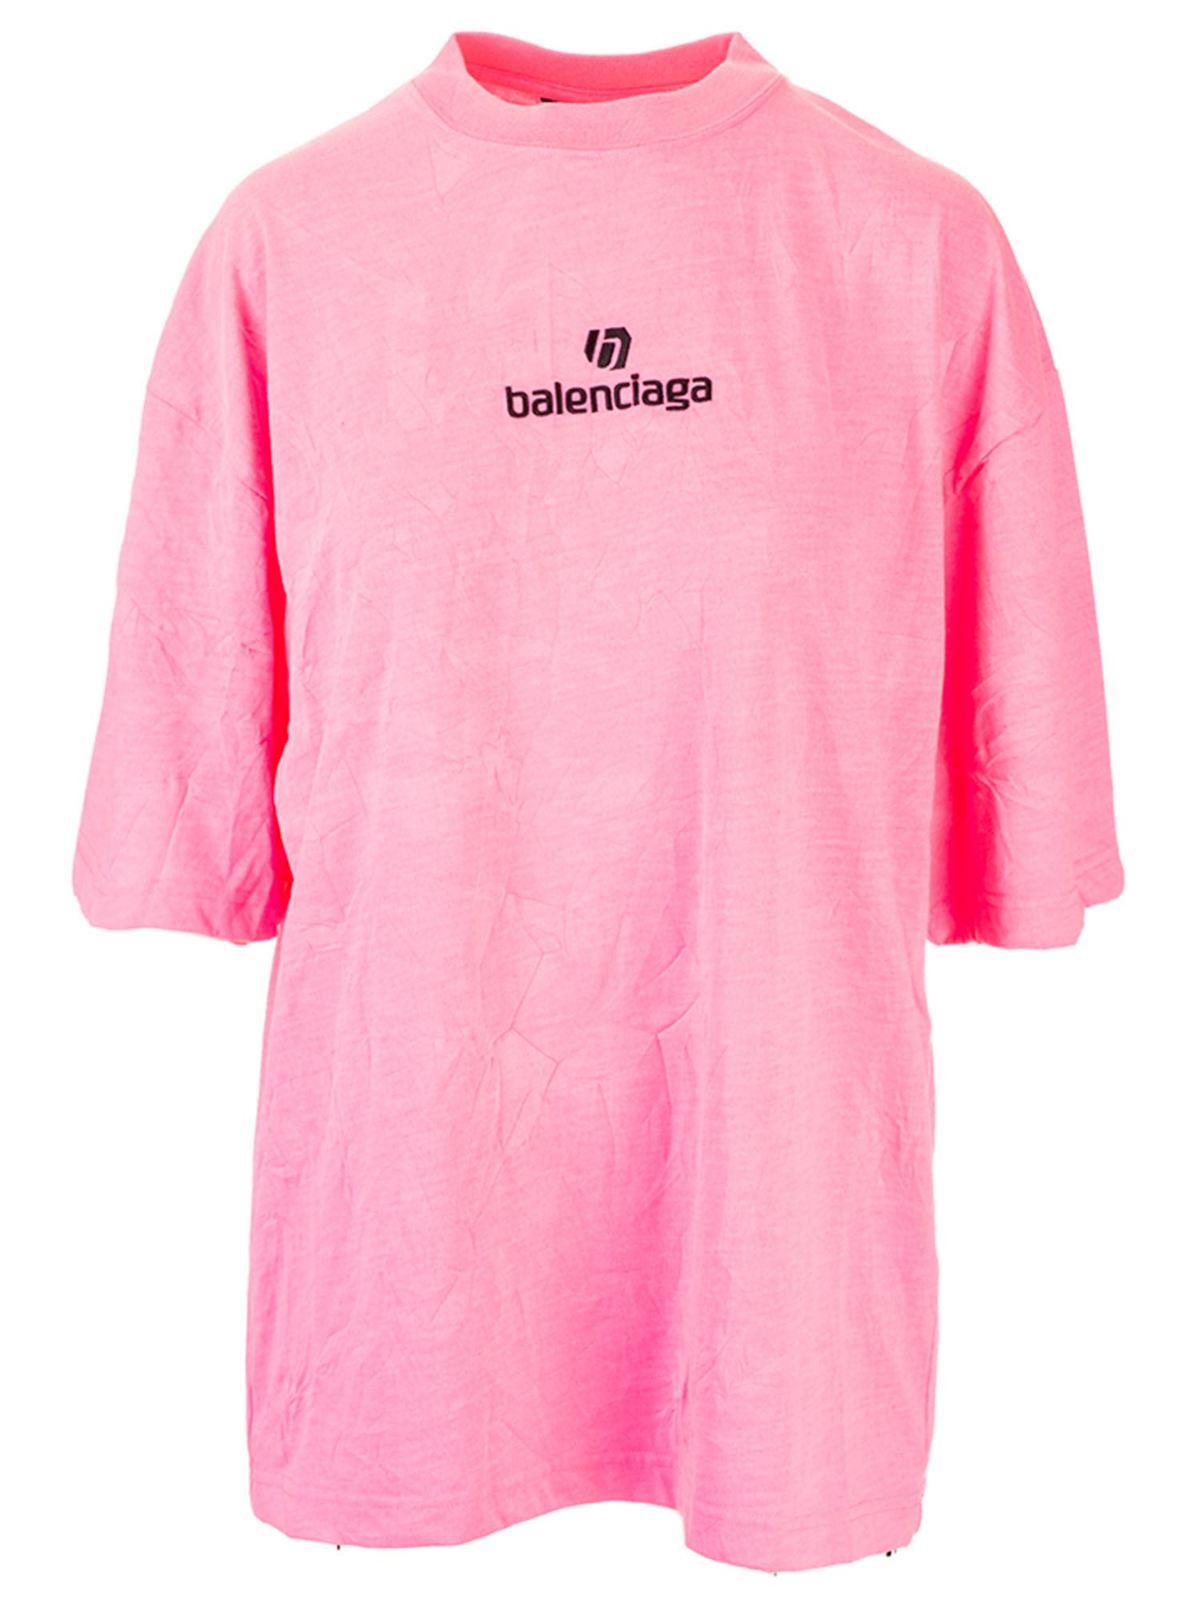 Balenciaga SOCCER T-SHIRT IN PINK